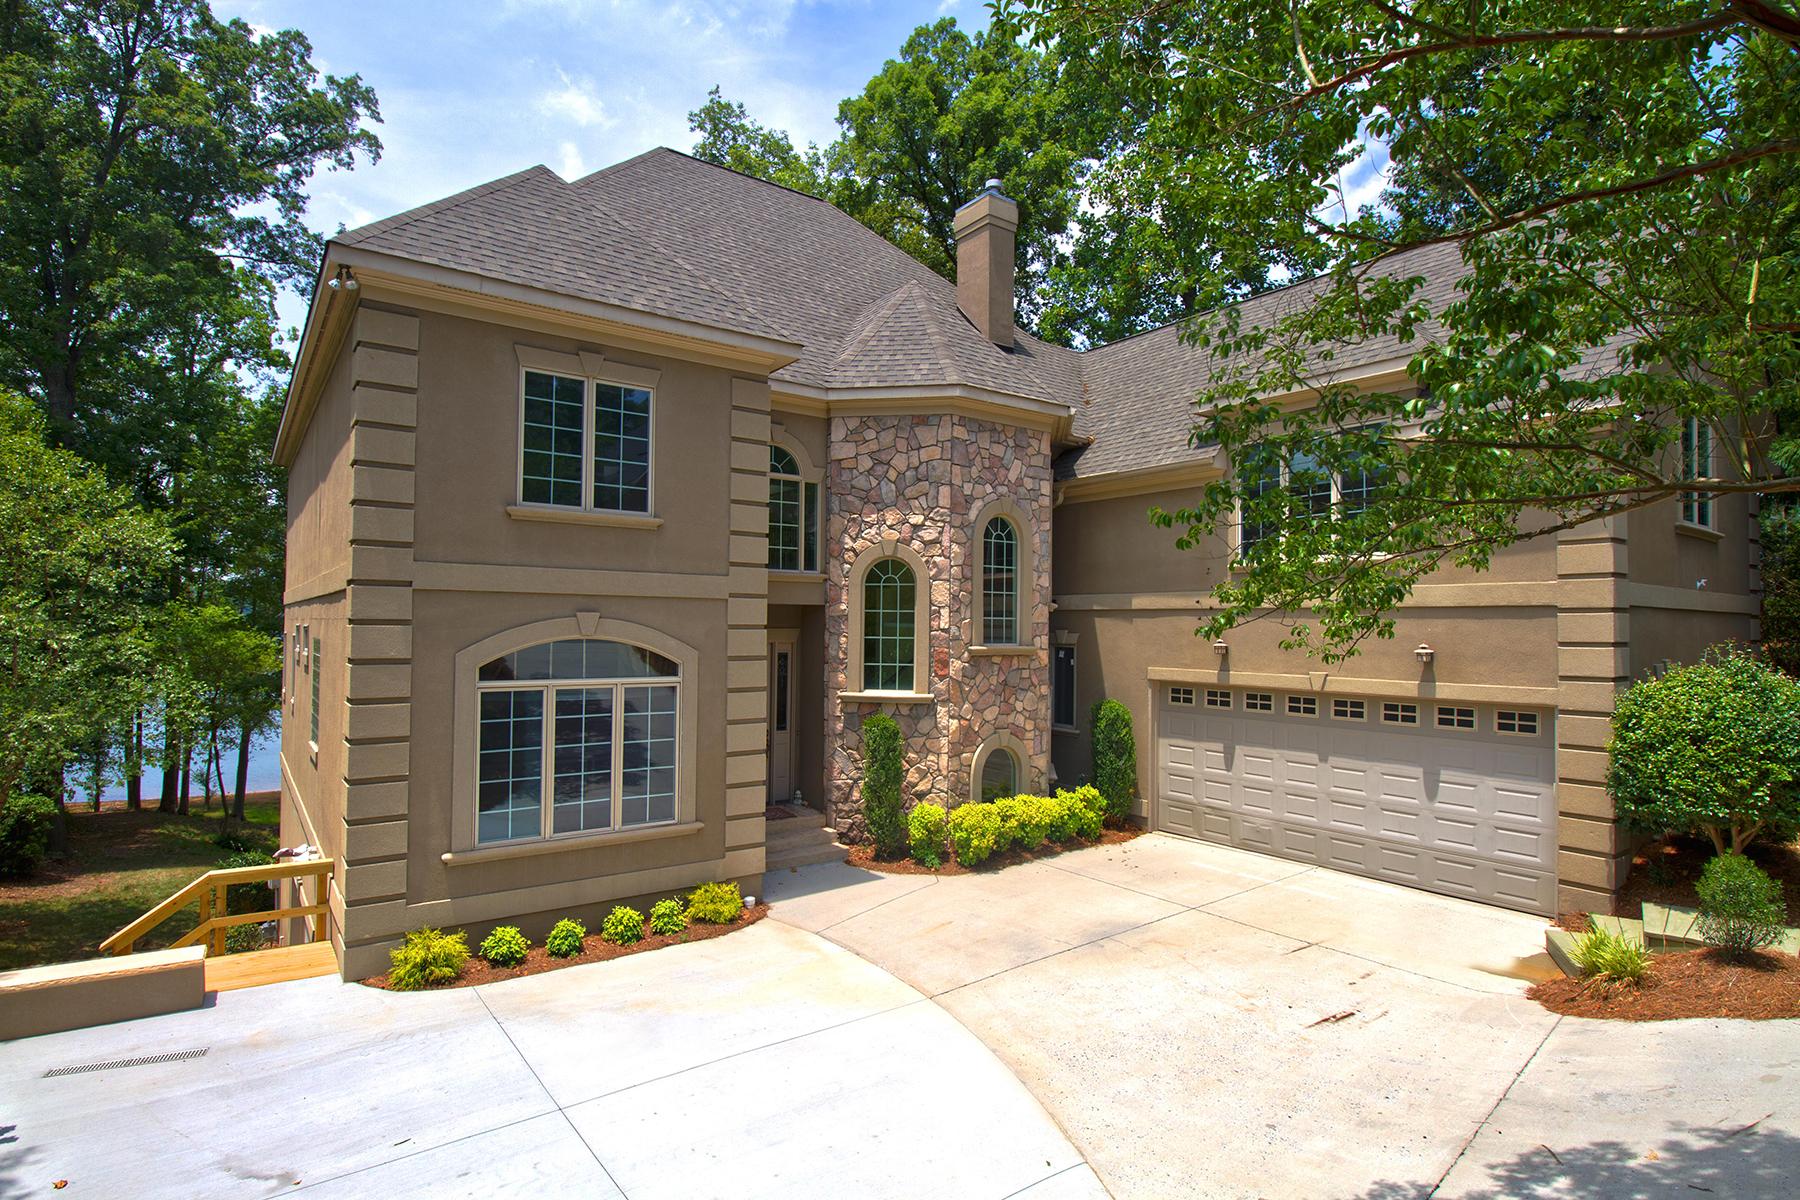 Nhà ở một gia đình vì Bán tại MT ISLE HARBOR 2629 Mt Isle Harbor Dr Charlotte, Bắc Carolina 28214 Hoa Kỳ